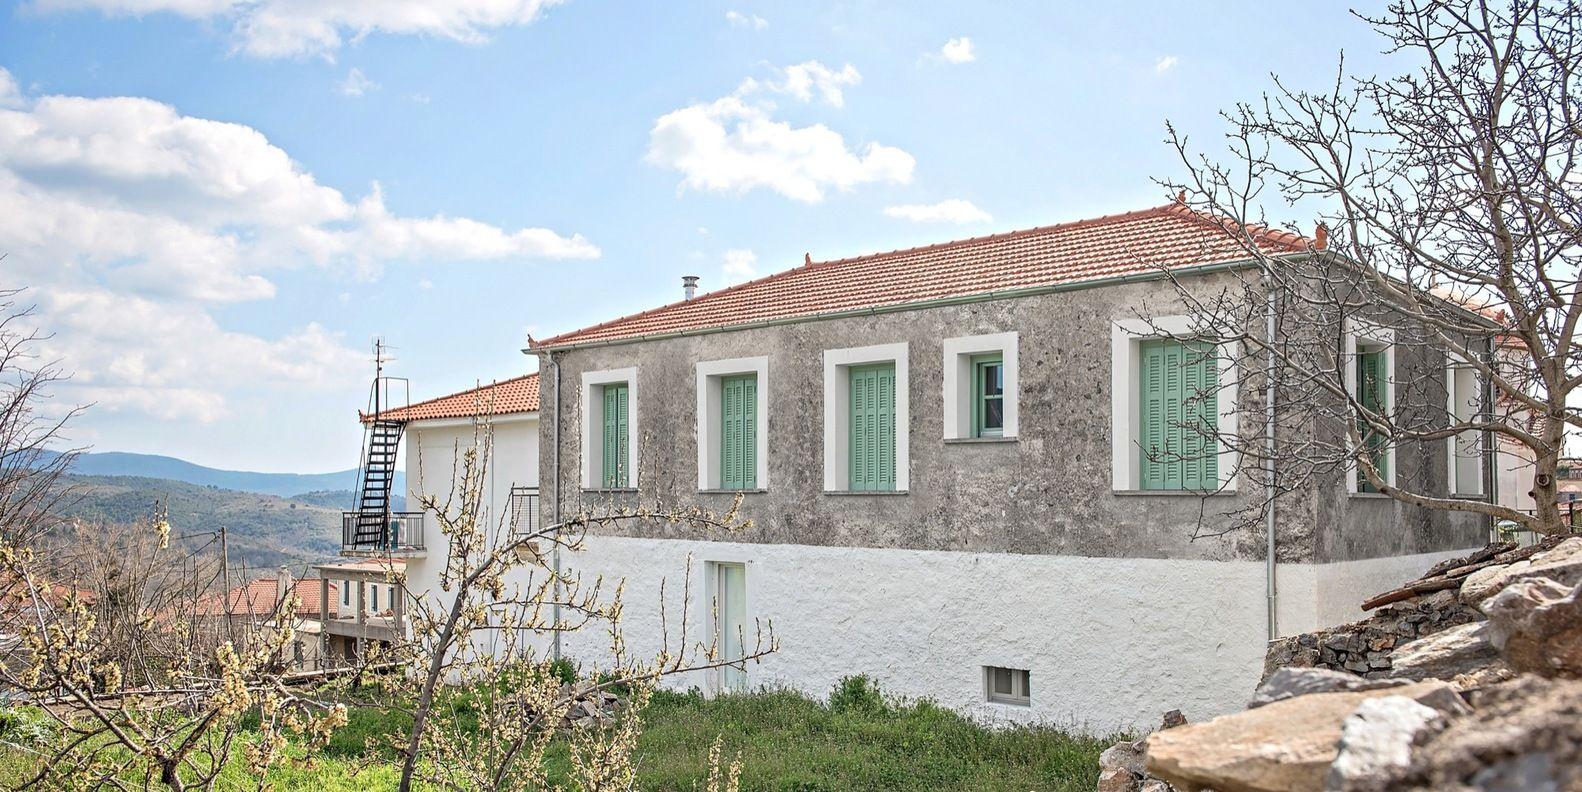 Galería de Casa de vacaciones en Karyes / Plaini and Karahalios Architects - 13